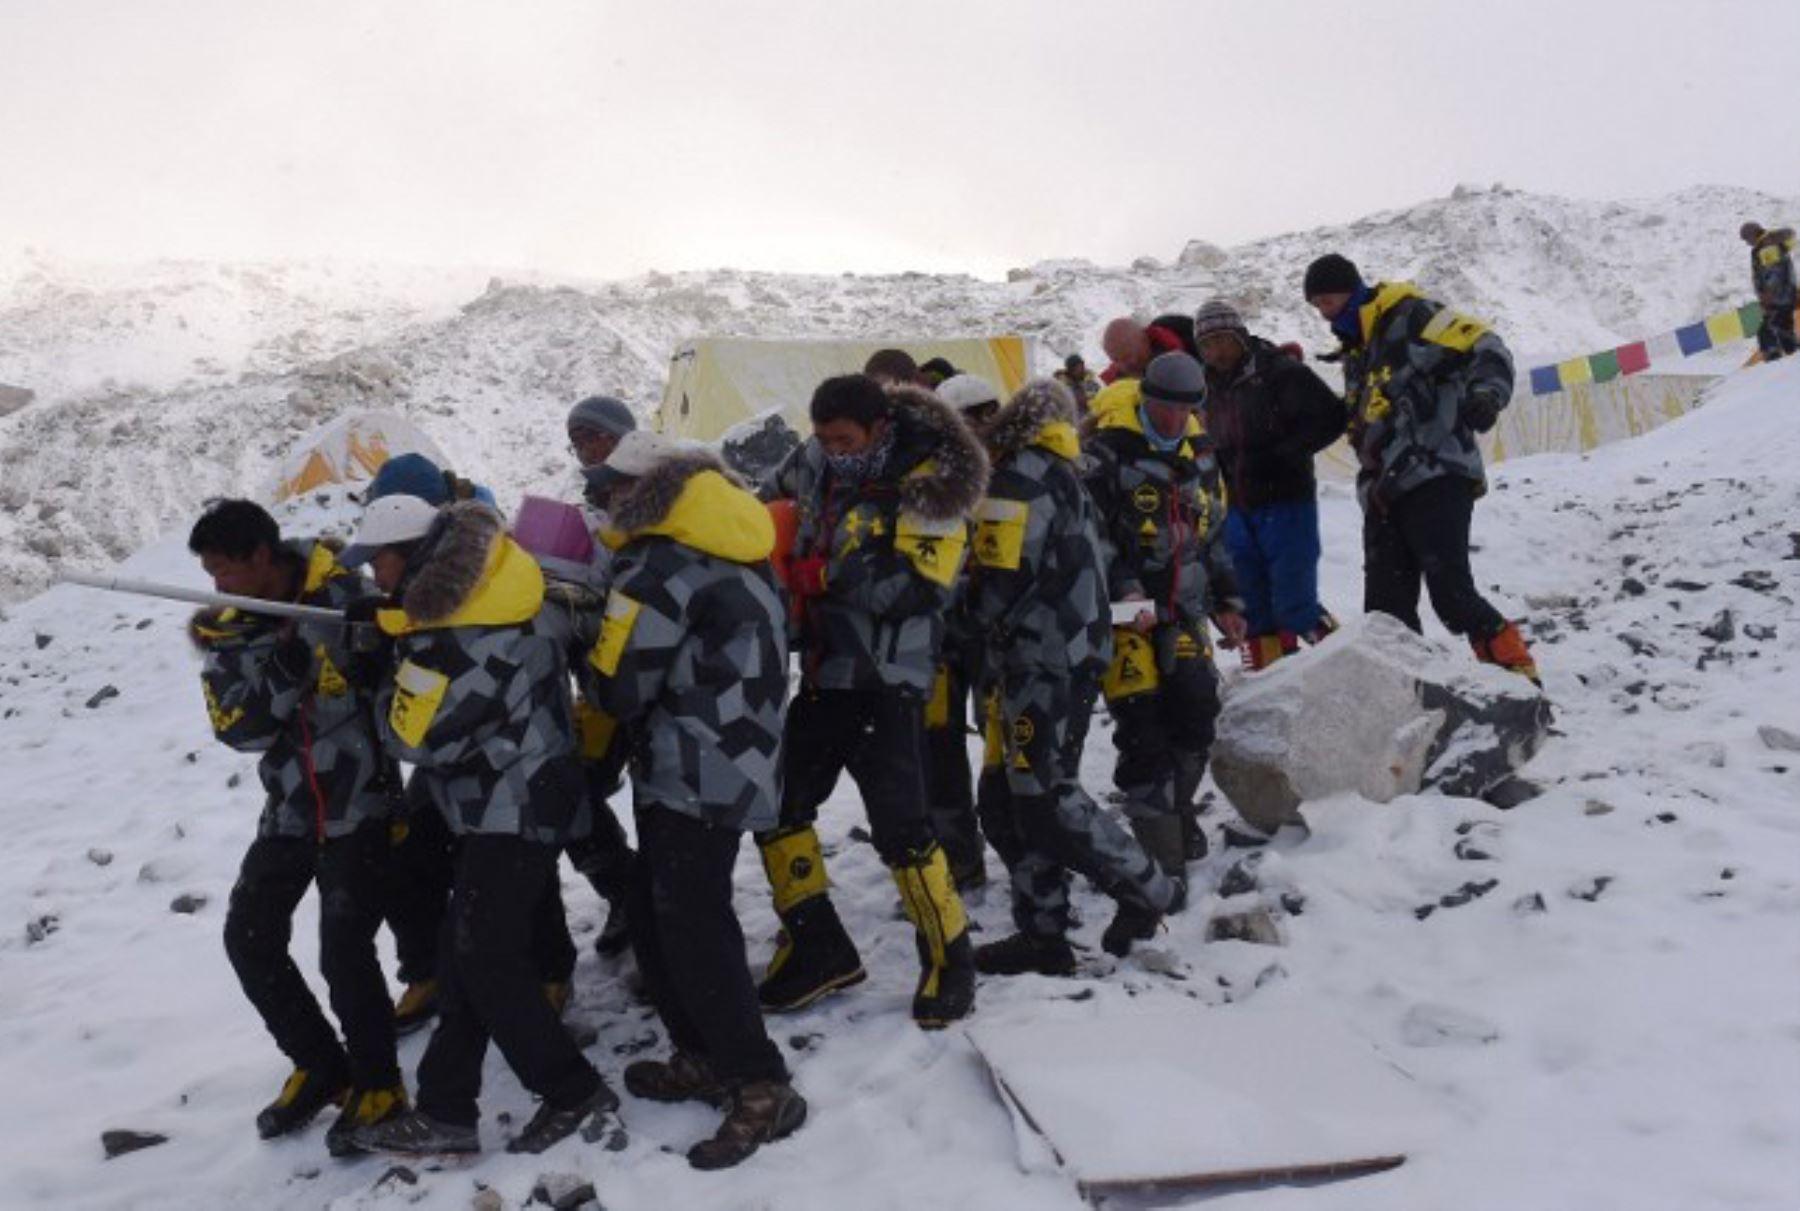 Una persona herida es llevada por los miembros de rescate para ser transportado por aire en helicóptero rescate en el campamento base del Everest el 26 de abril de 2015, un día después de una avalancha provocada por un terremoto devastó el campamento.